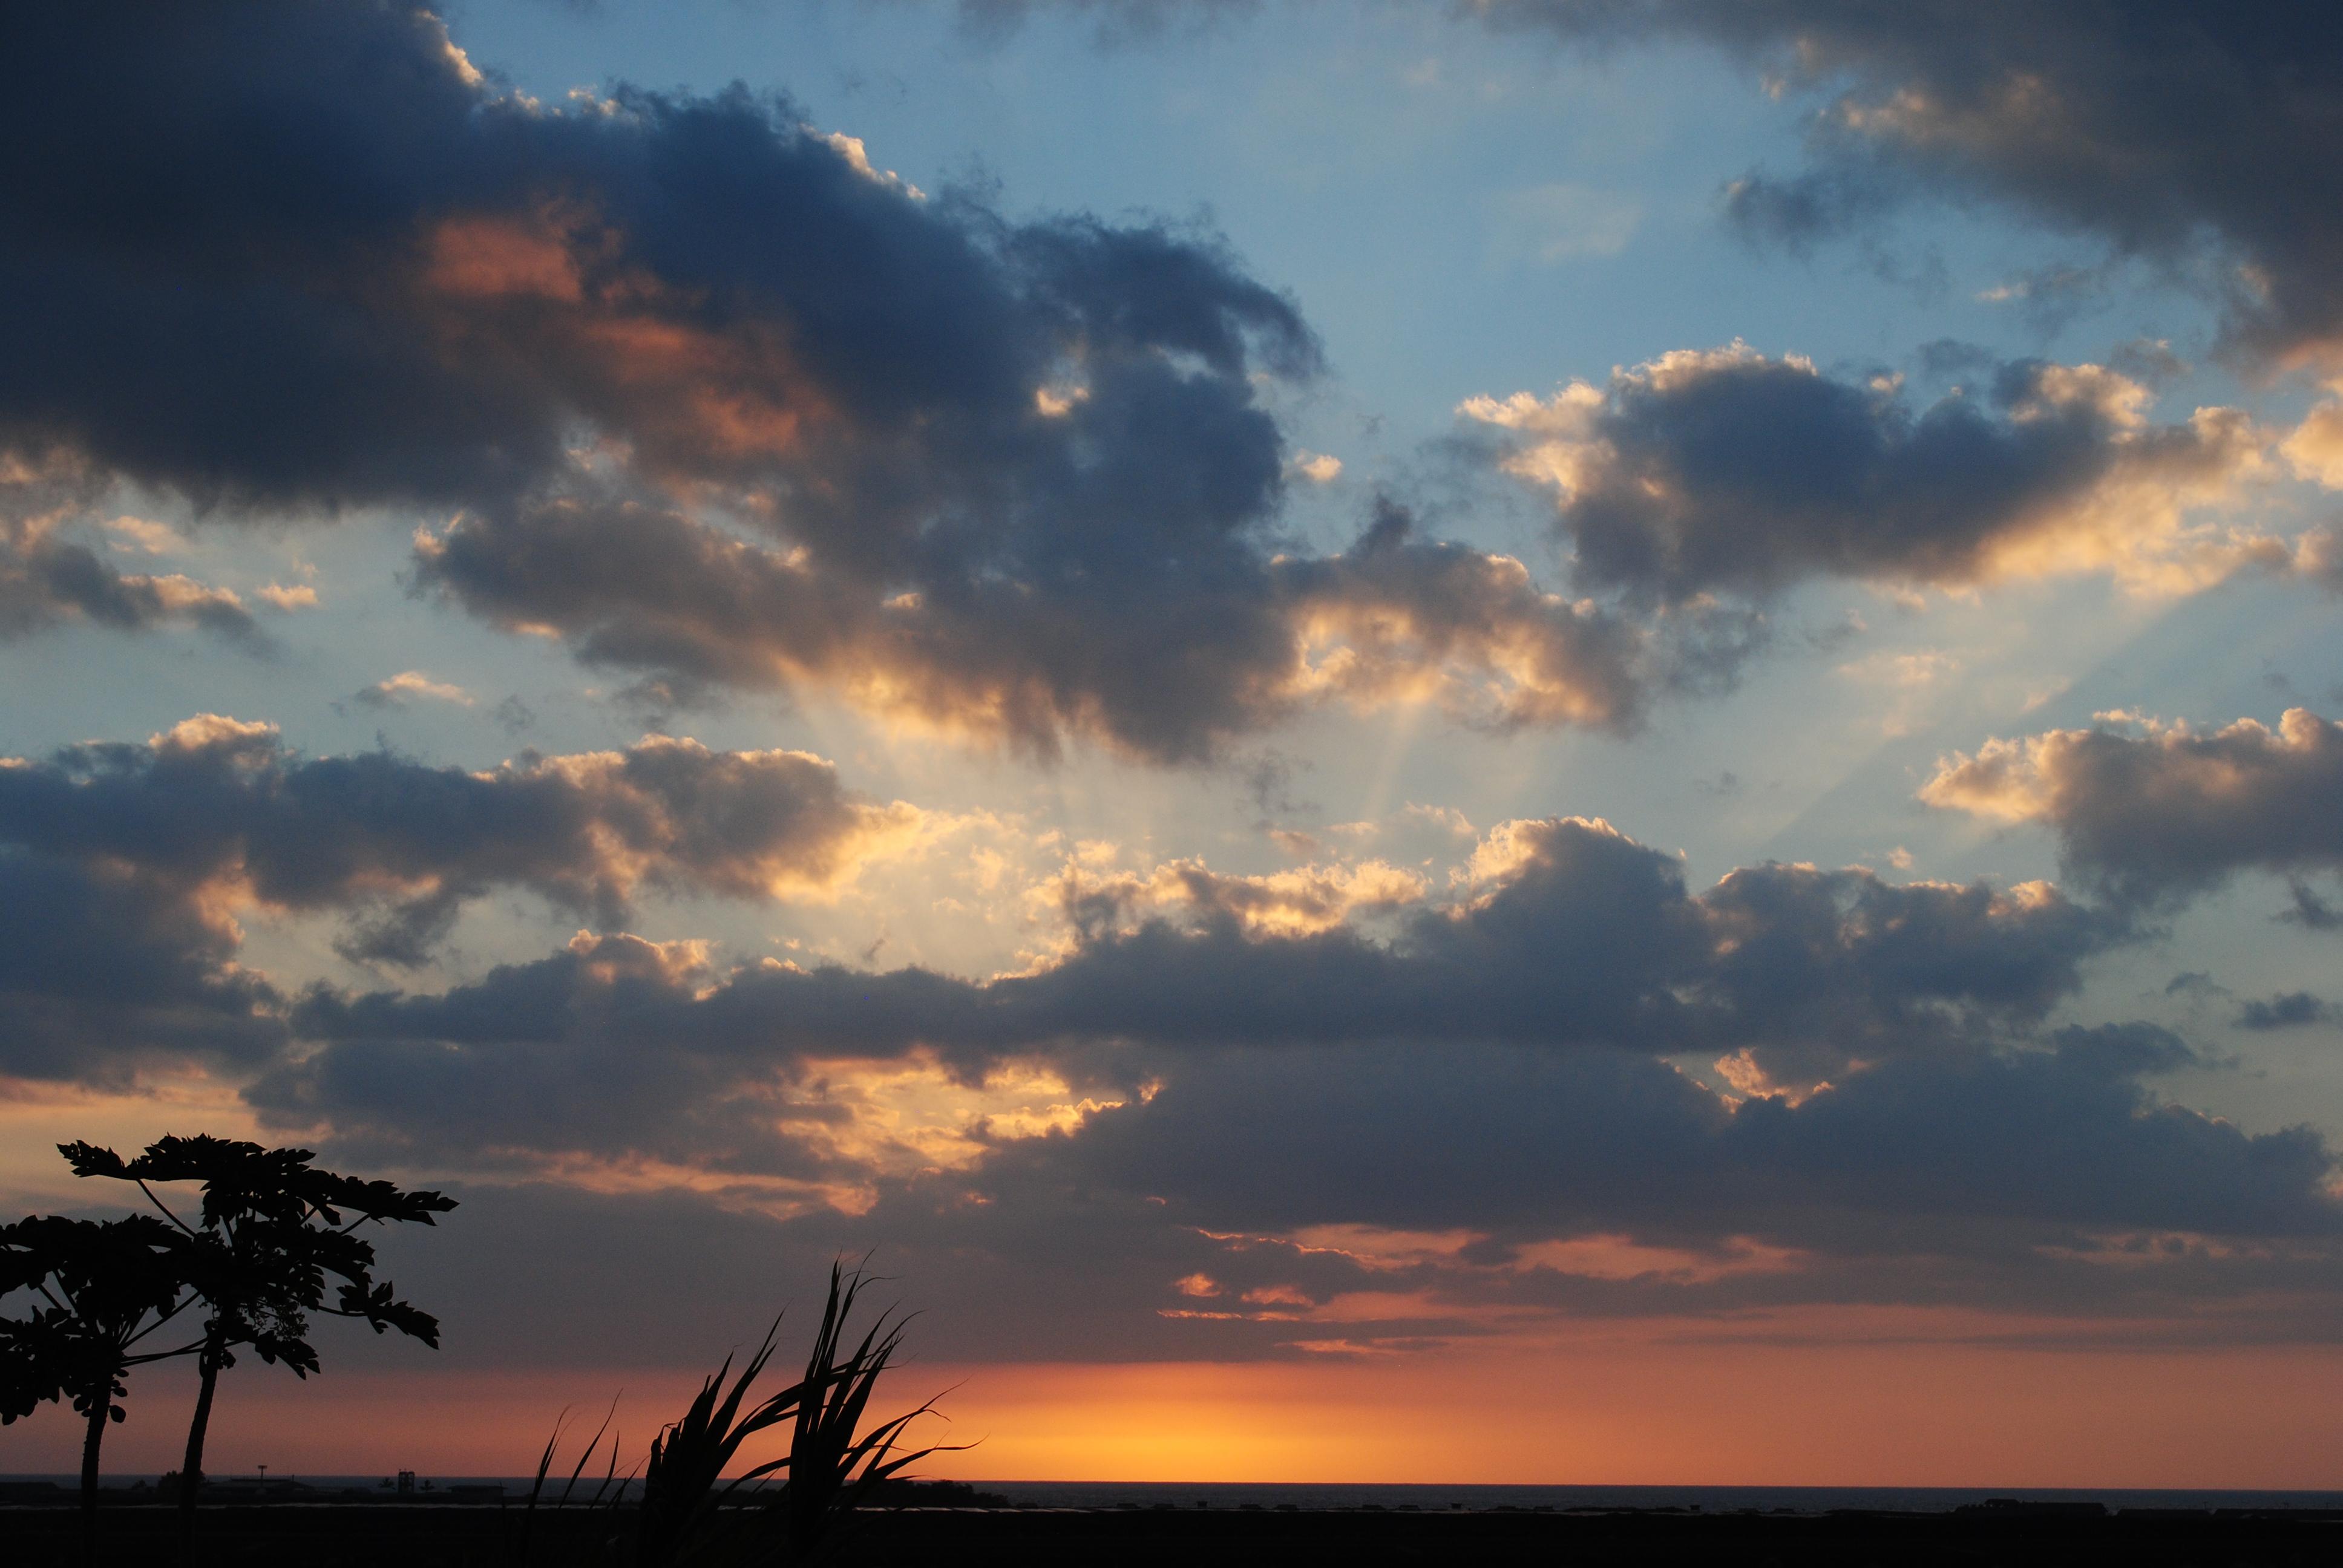 Sunset at KOA